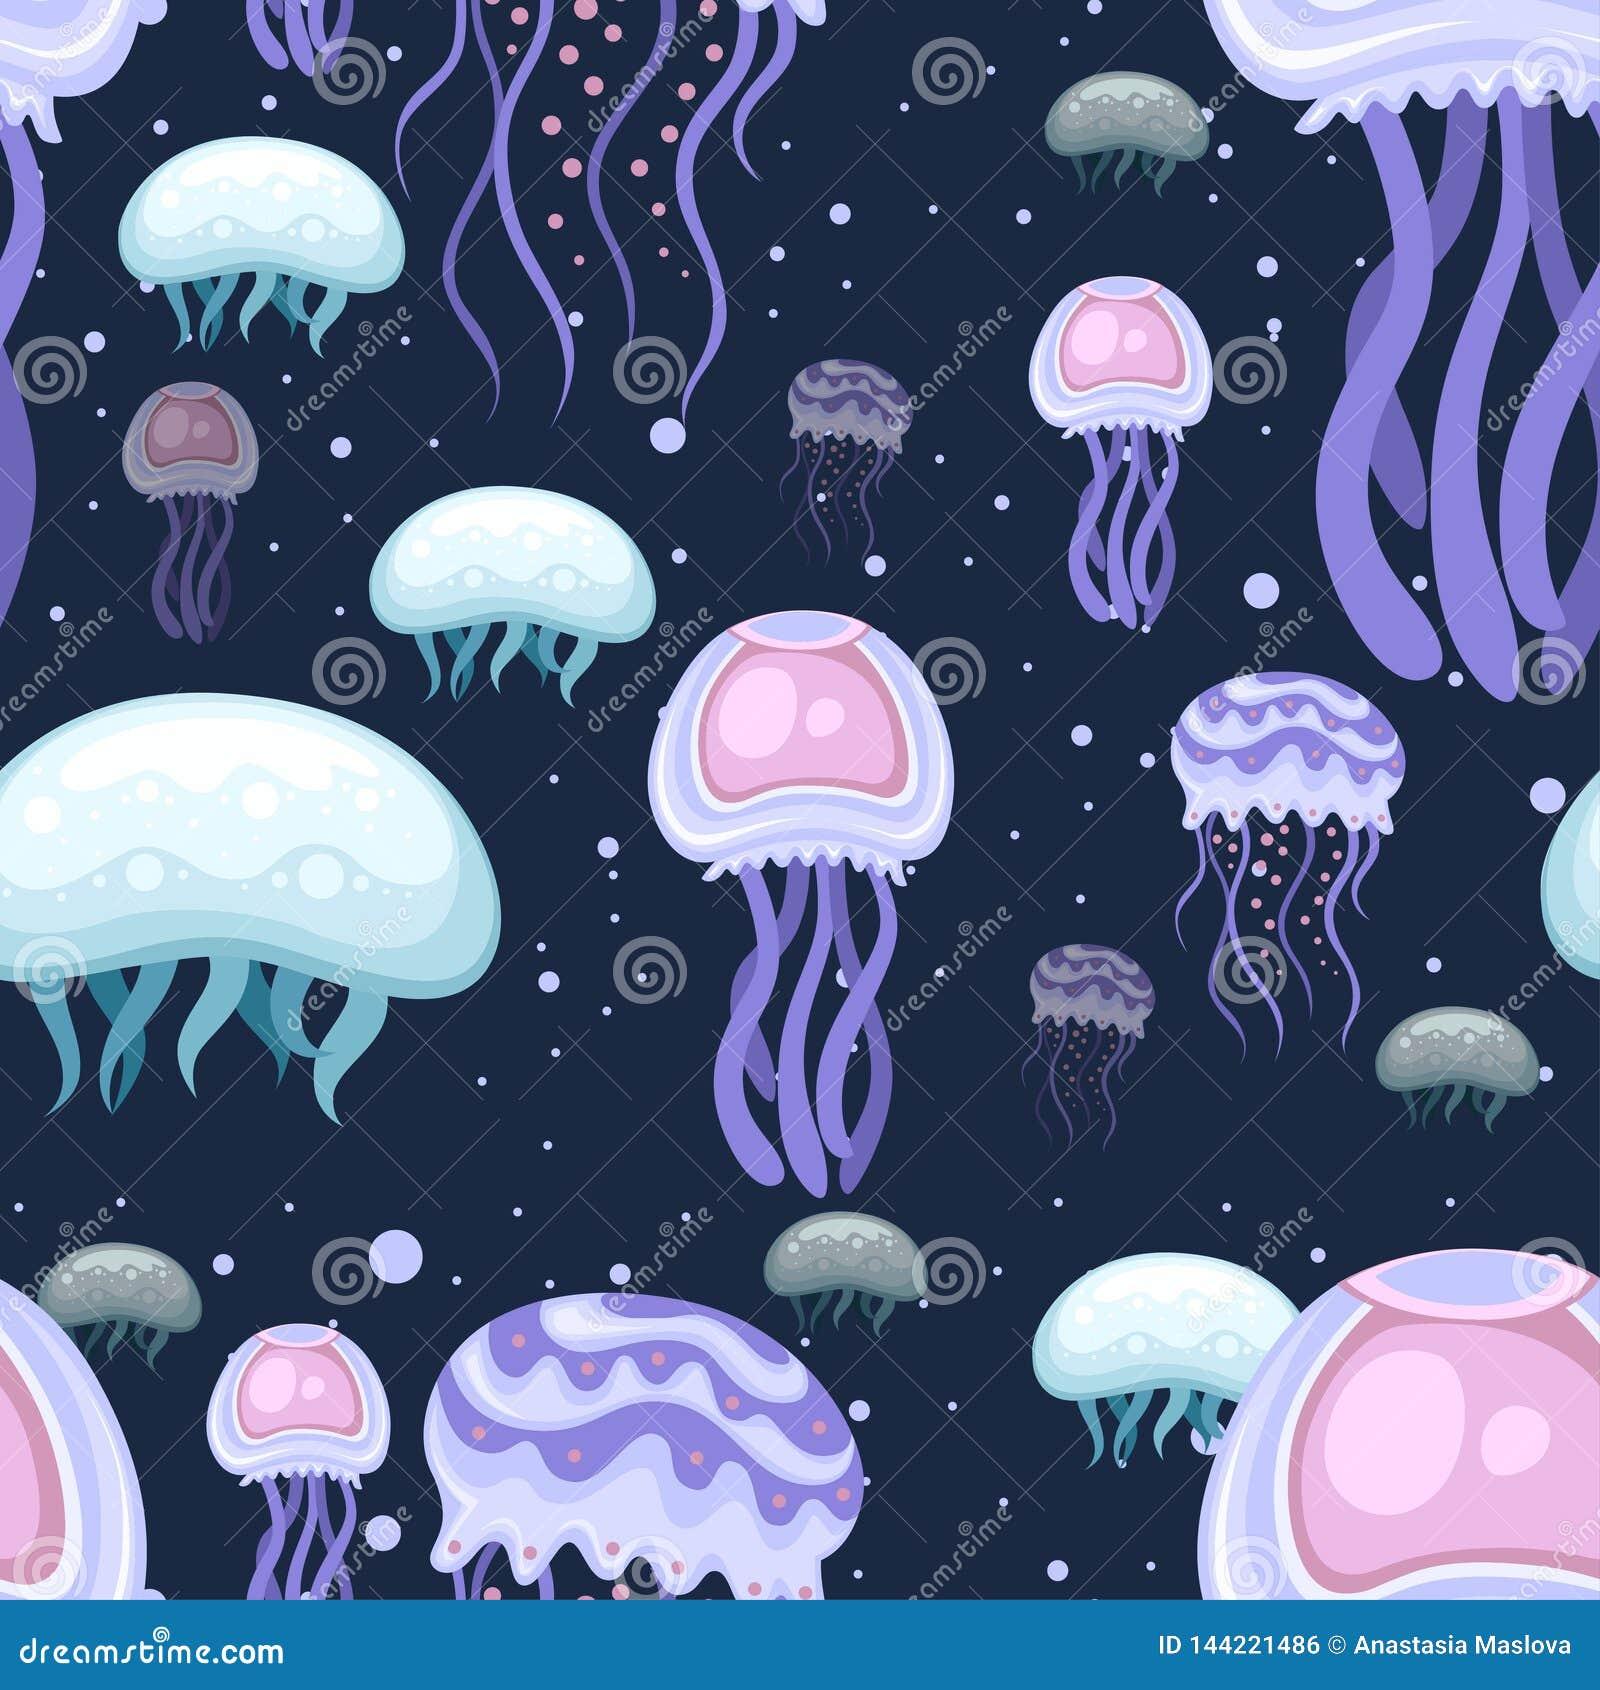 E Пинк моря и пурпурные медузы Тропическое подводное животное Организм Медузы акватический, дизайн стиля мультфильма r